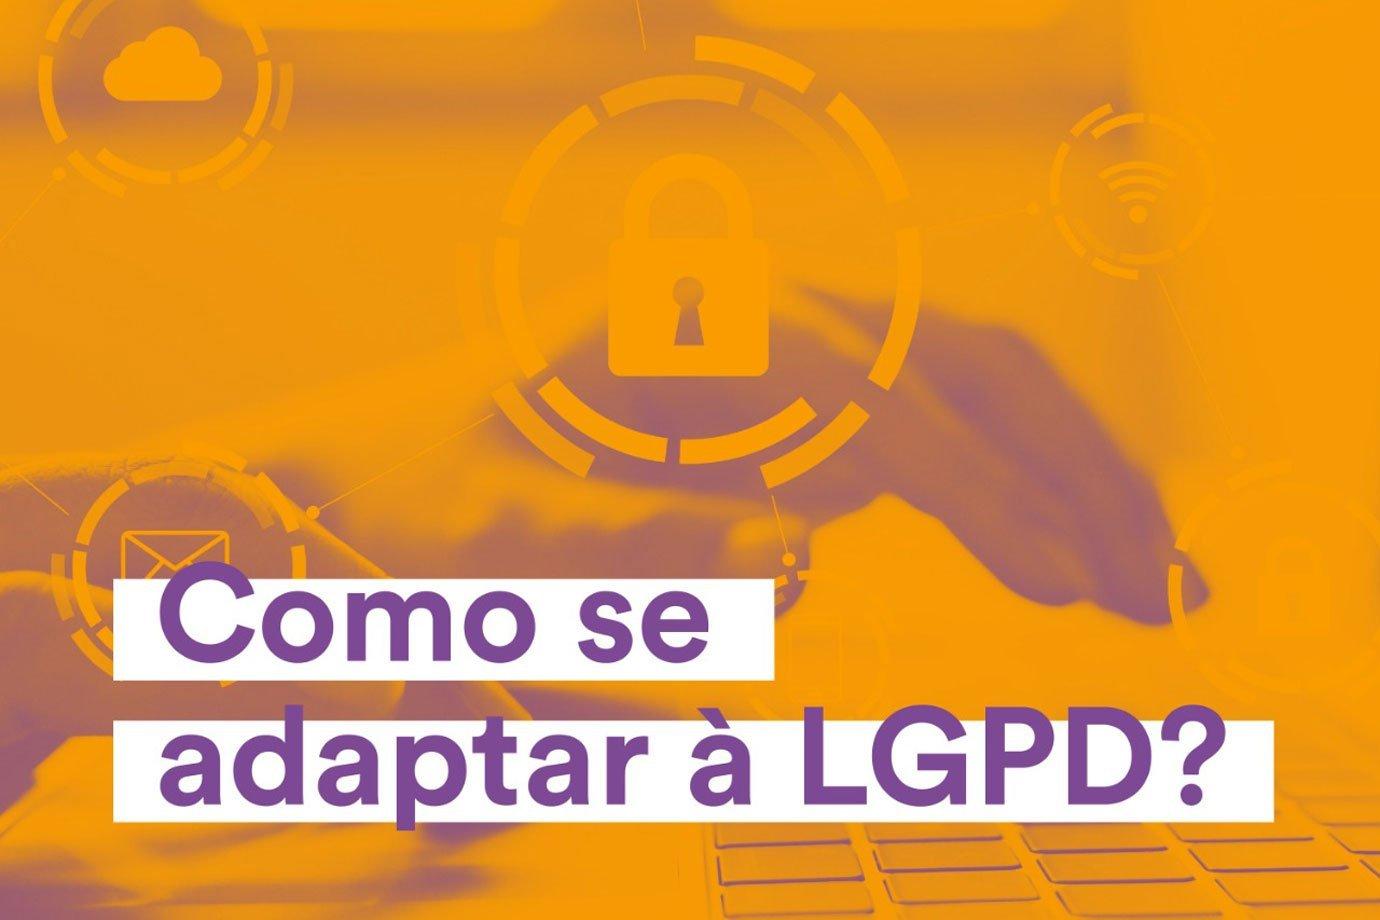 Podcast Digitalize: Como se adaptar à LGPD?